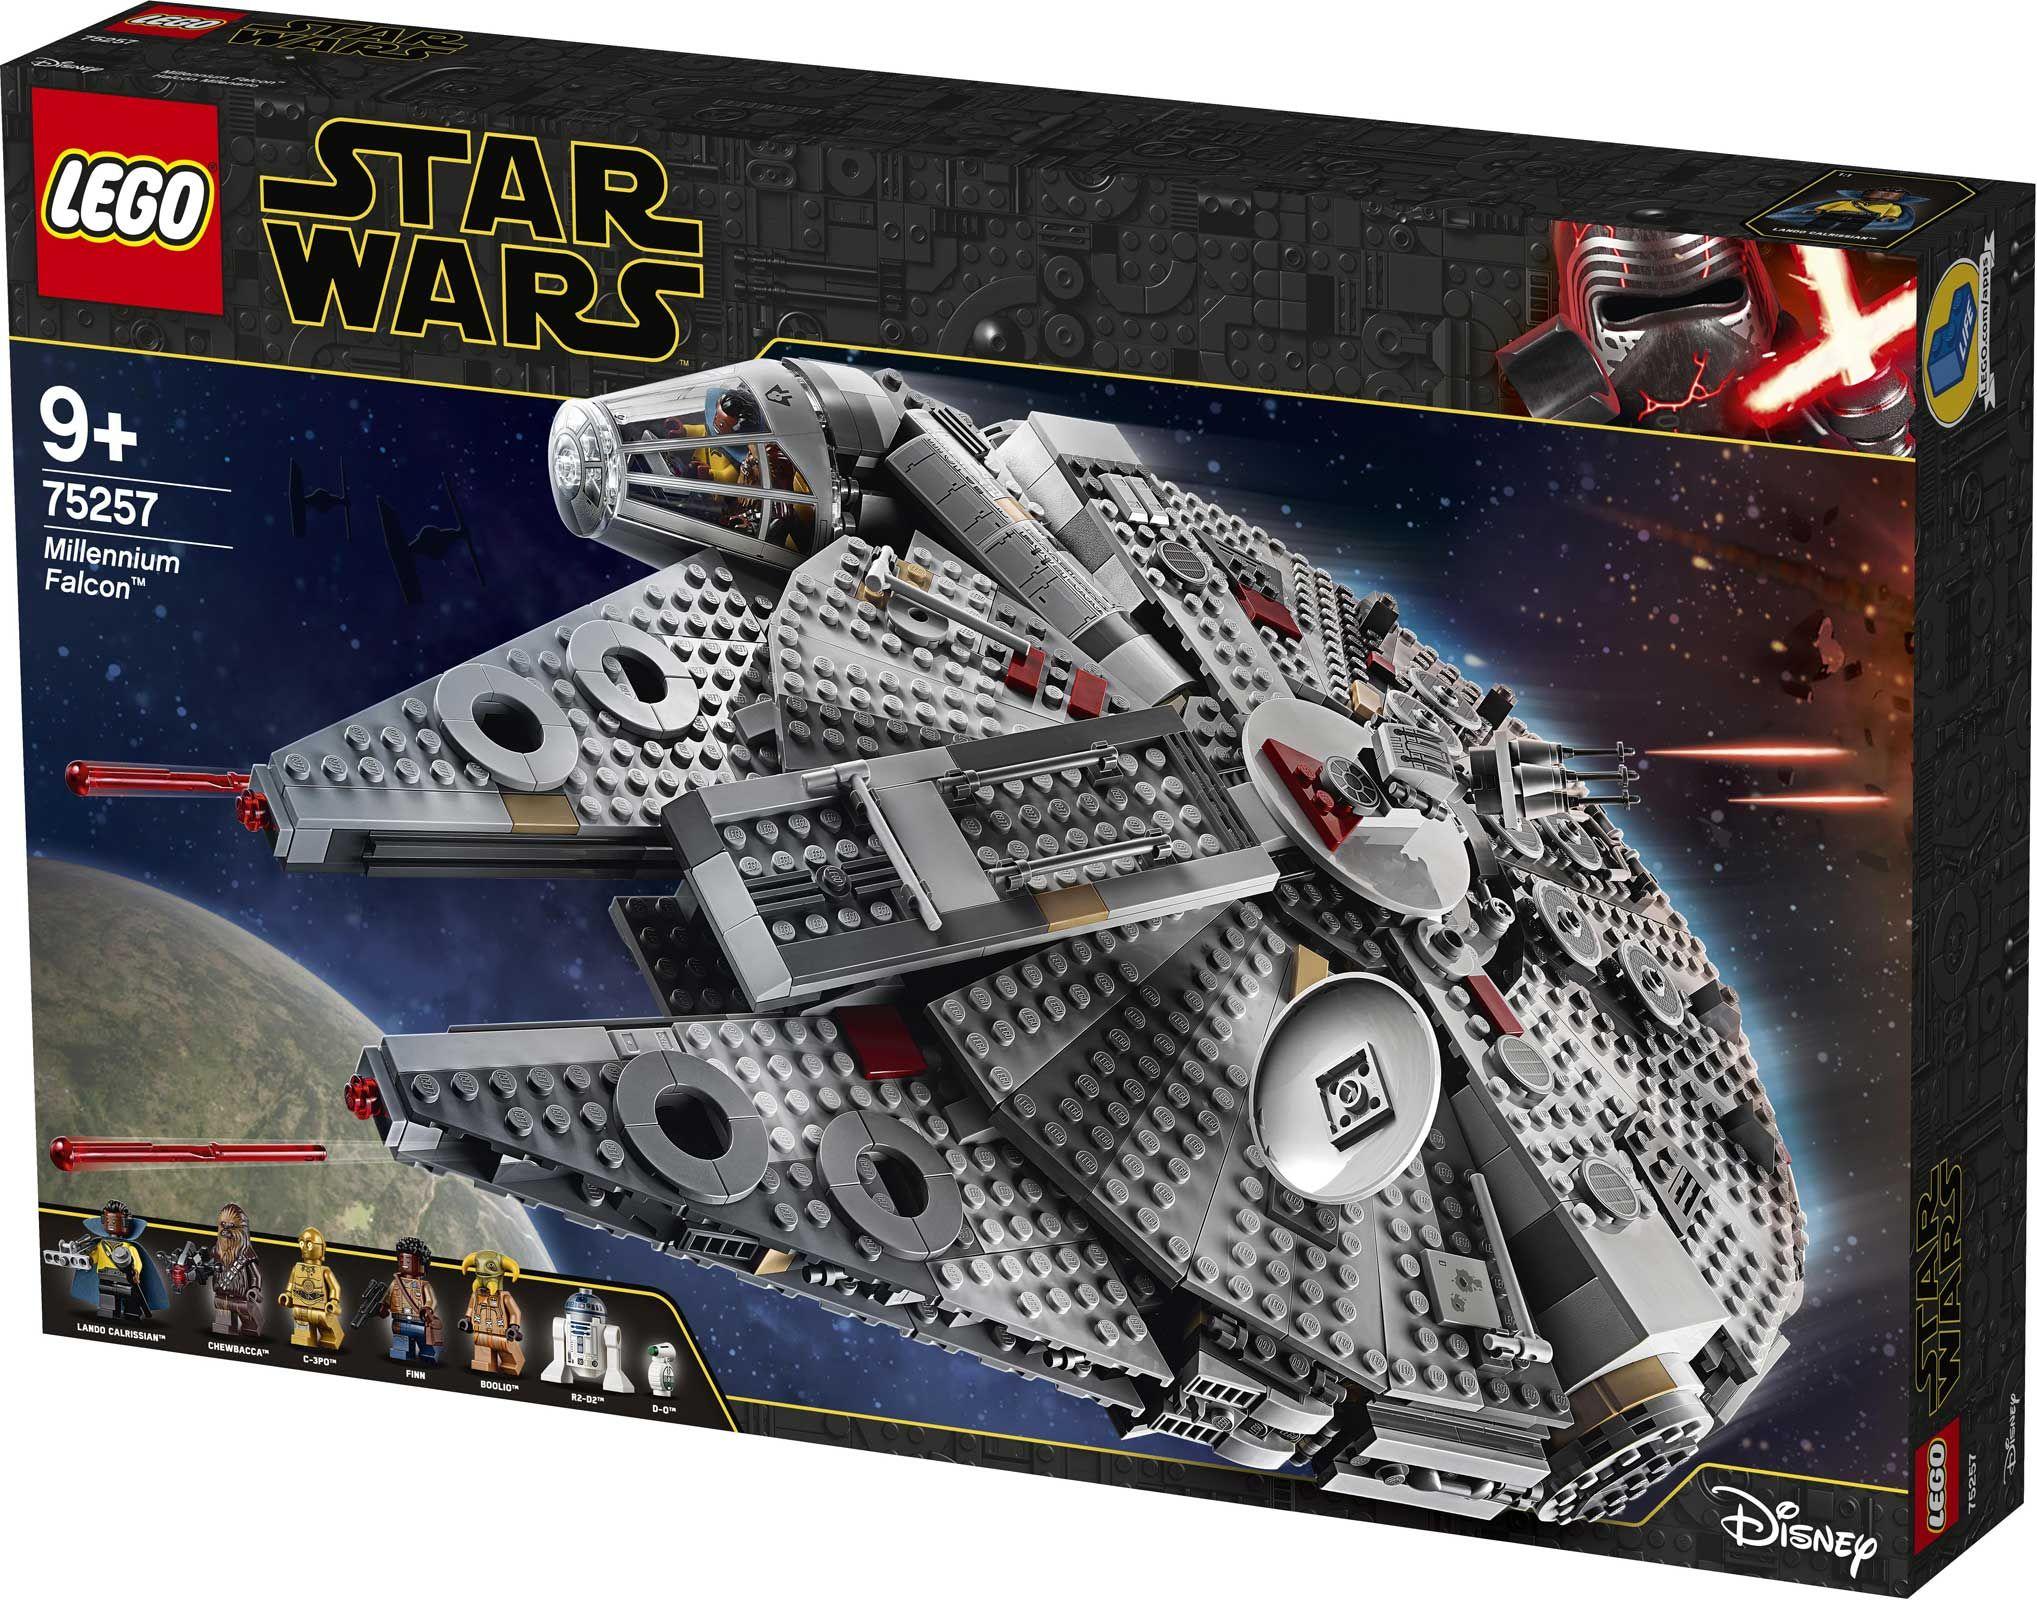 Lego Star Wars 75257 Millennium Falcon Alle Bilder Und Infos Lego Star Wars Lego Star Wars Sets Lego Star